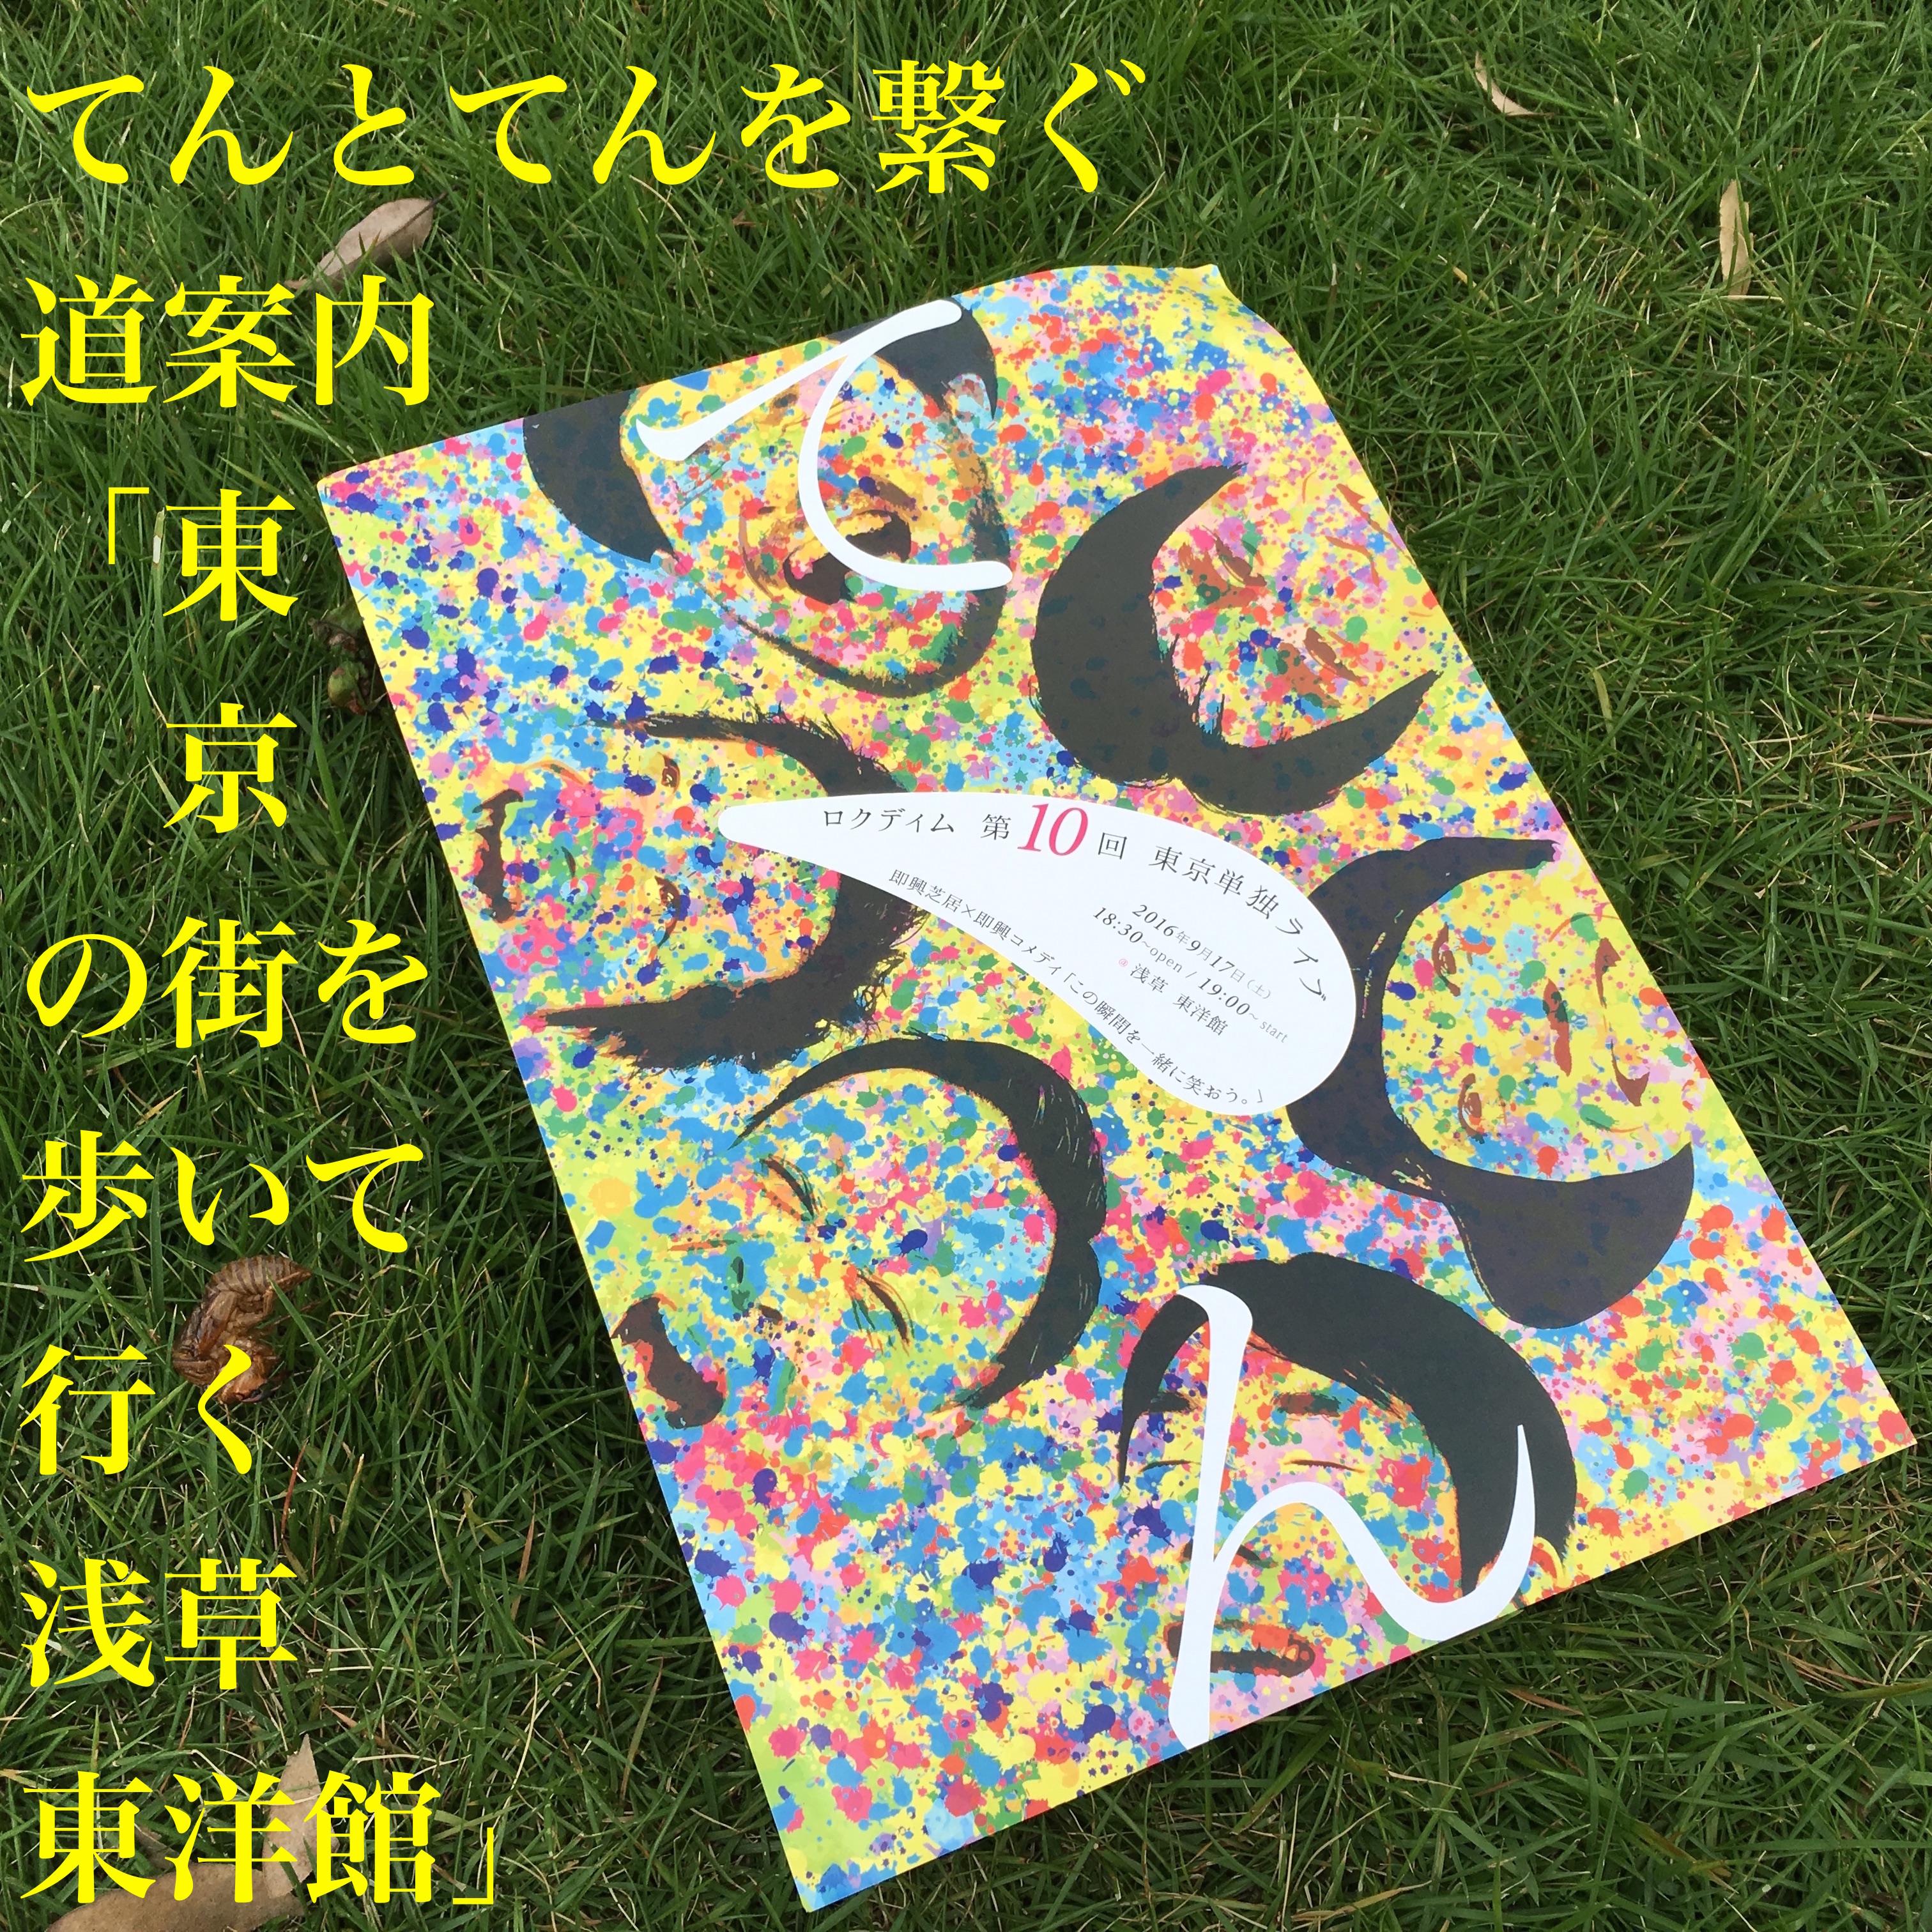 IMG_2133 のコピー